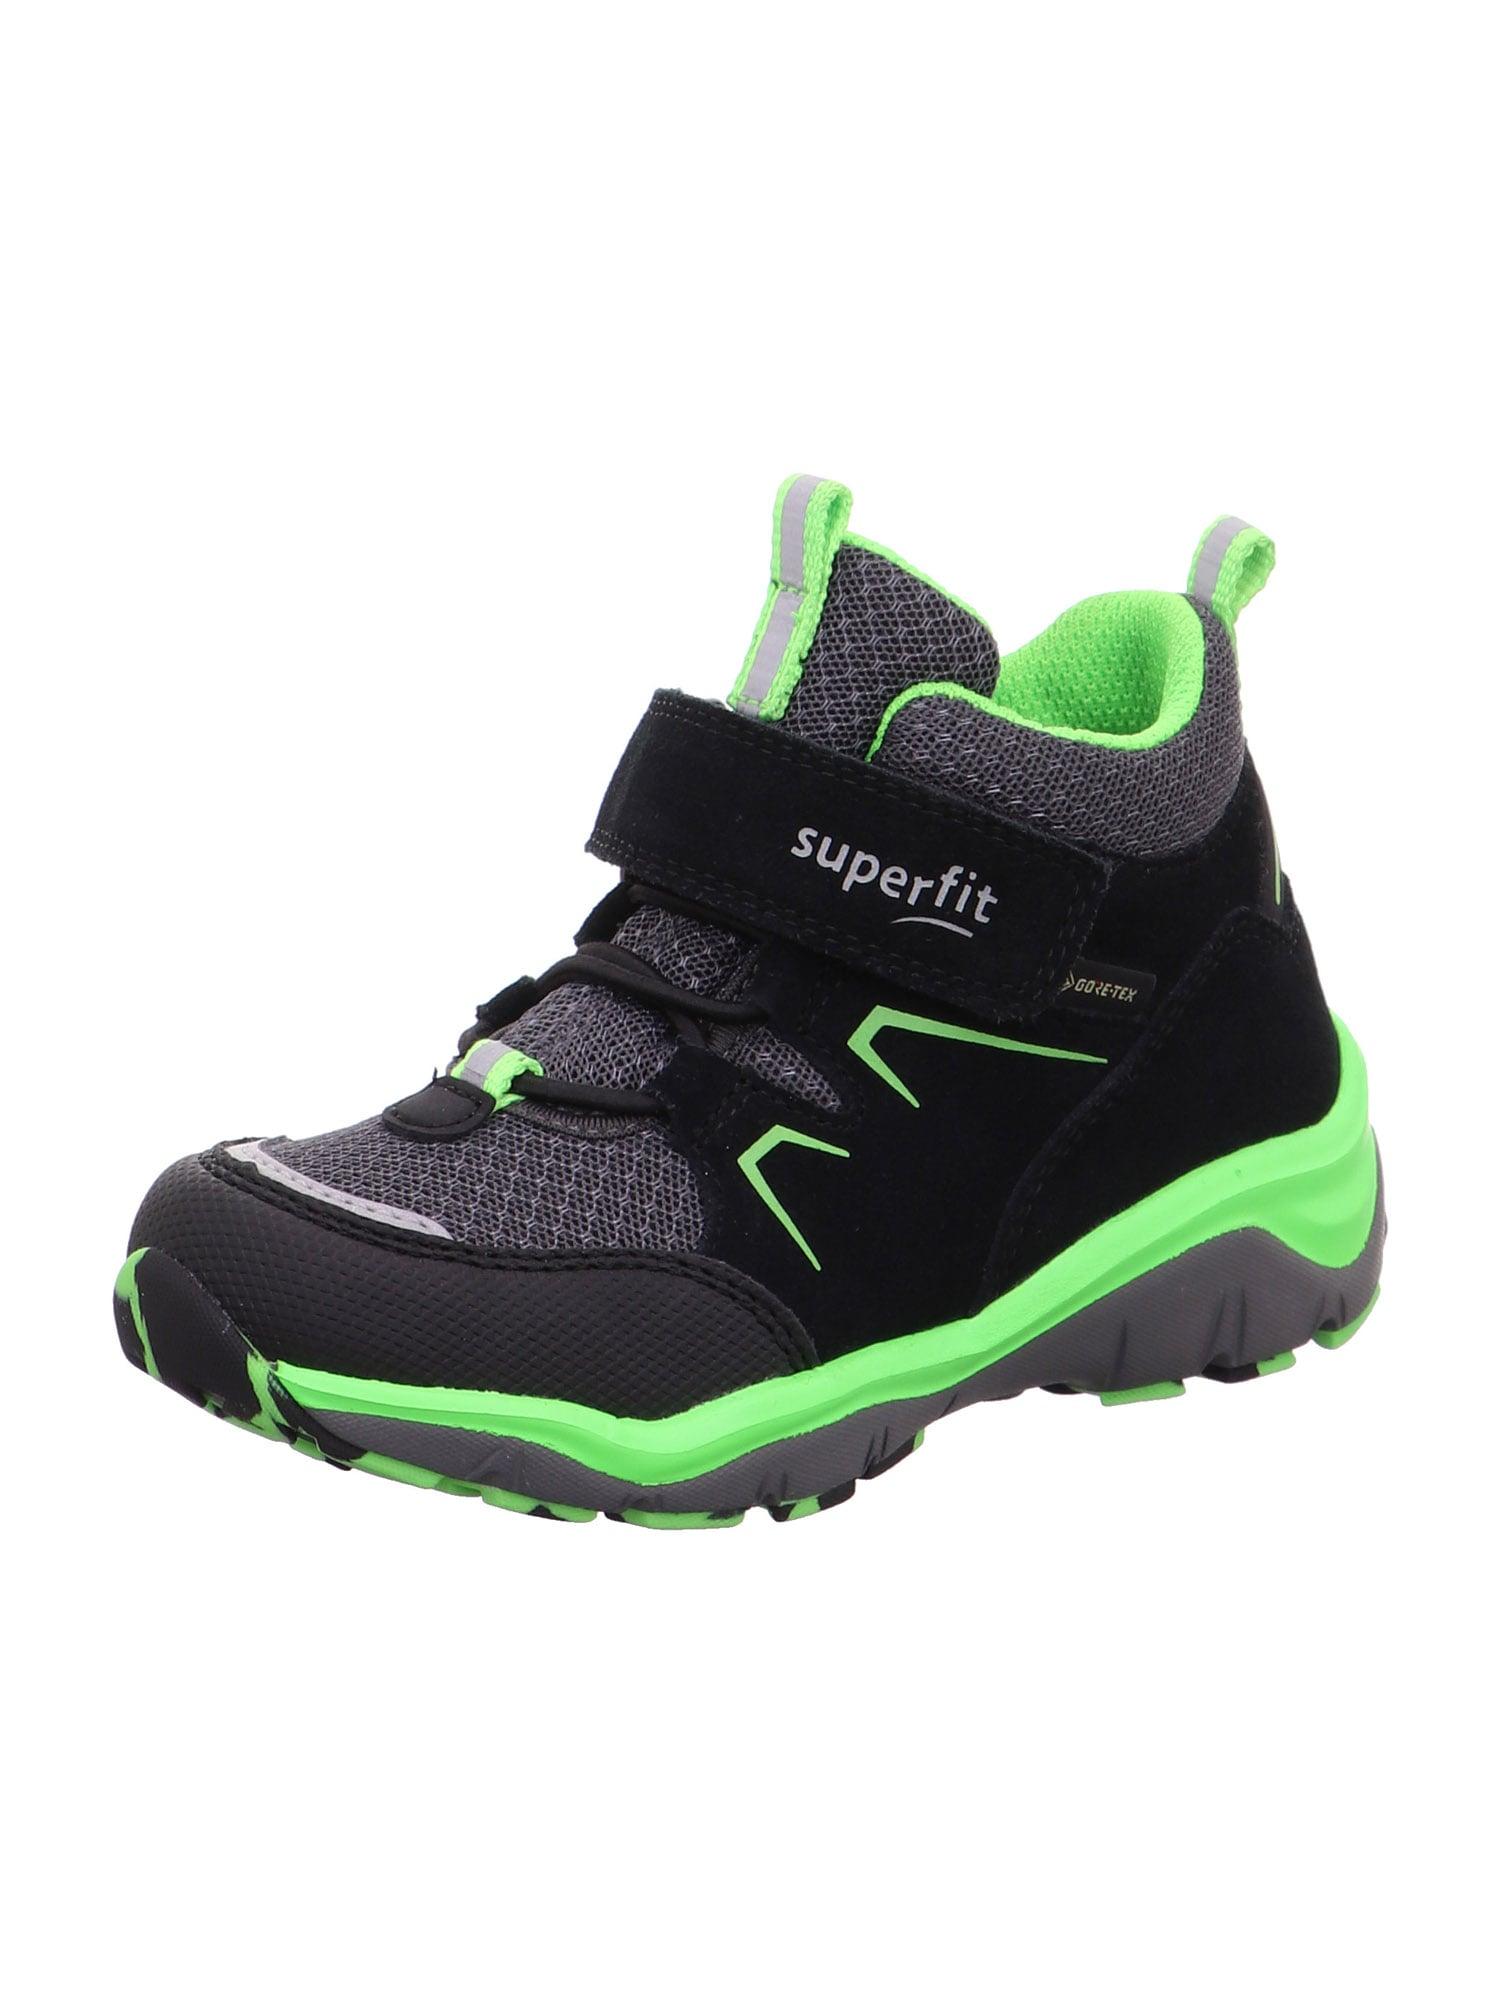 SUPERFIT Auliniai juoda / tamsiai pilka / neoninė žalia